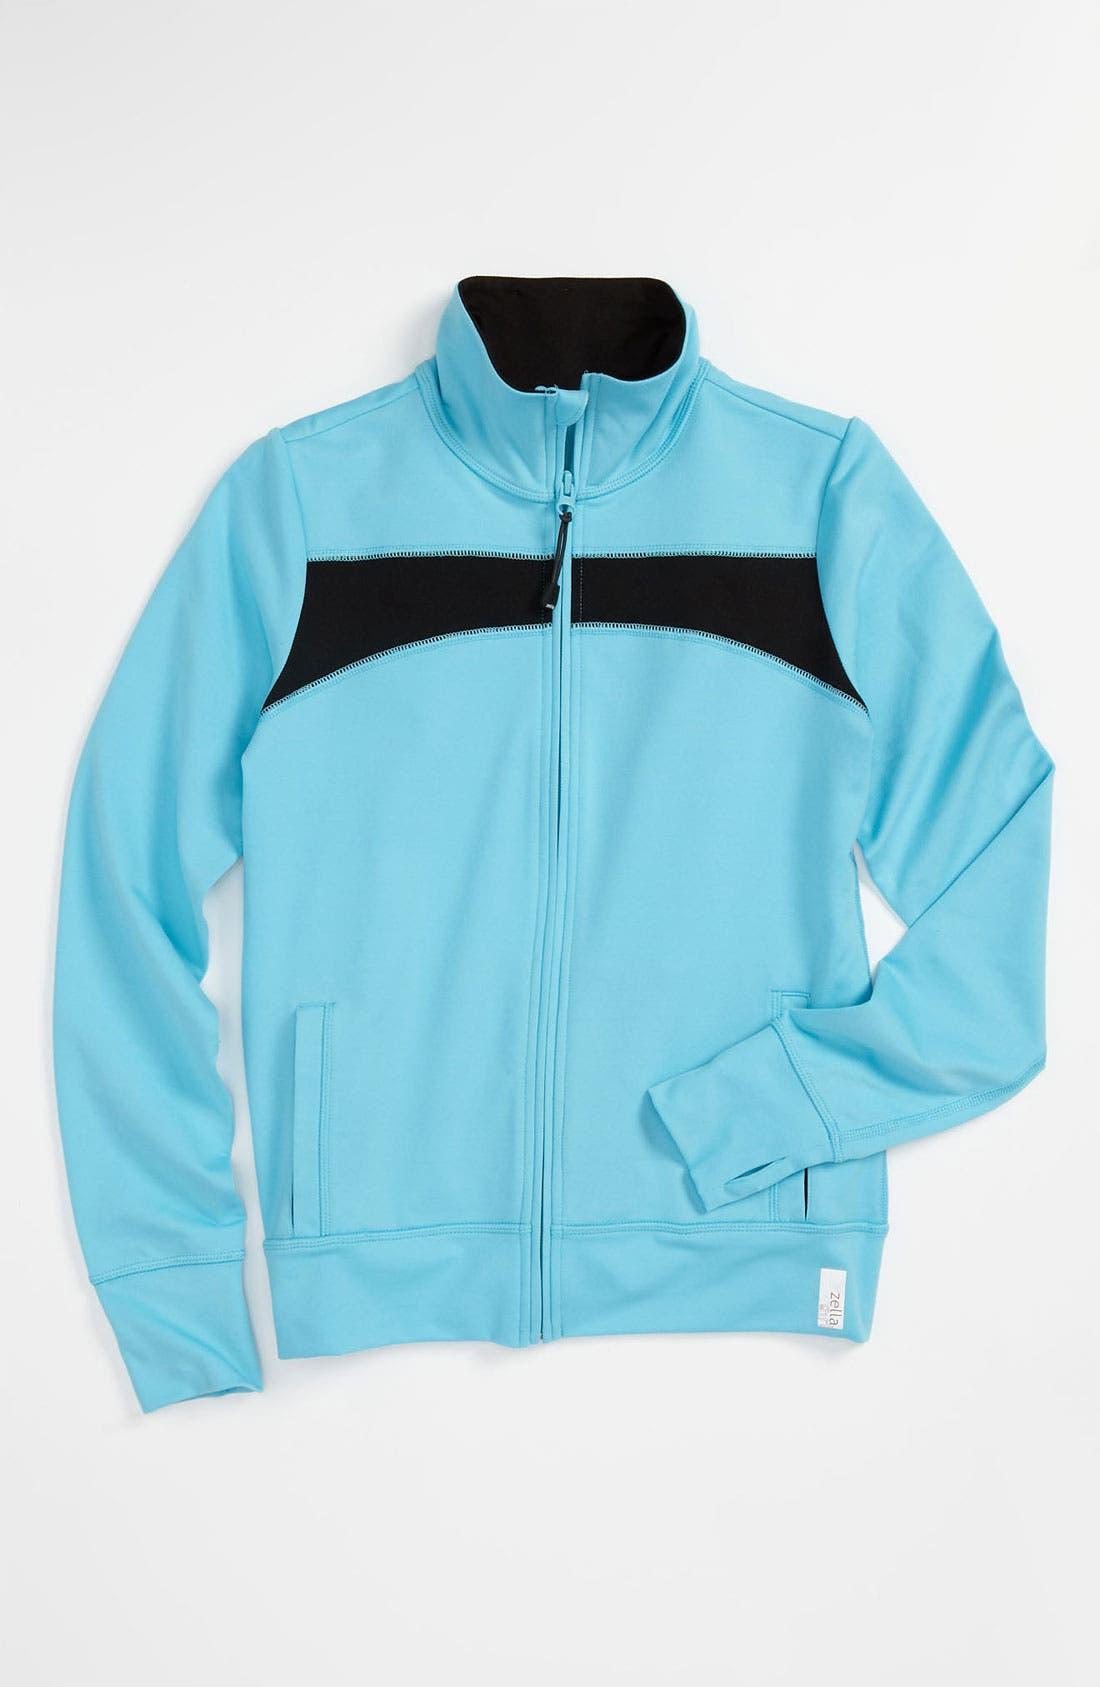 Alternate Image 1 Selected - Zella Girl 'Trainer' Contrast Jacket (Little Girls & Big Girls)